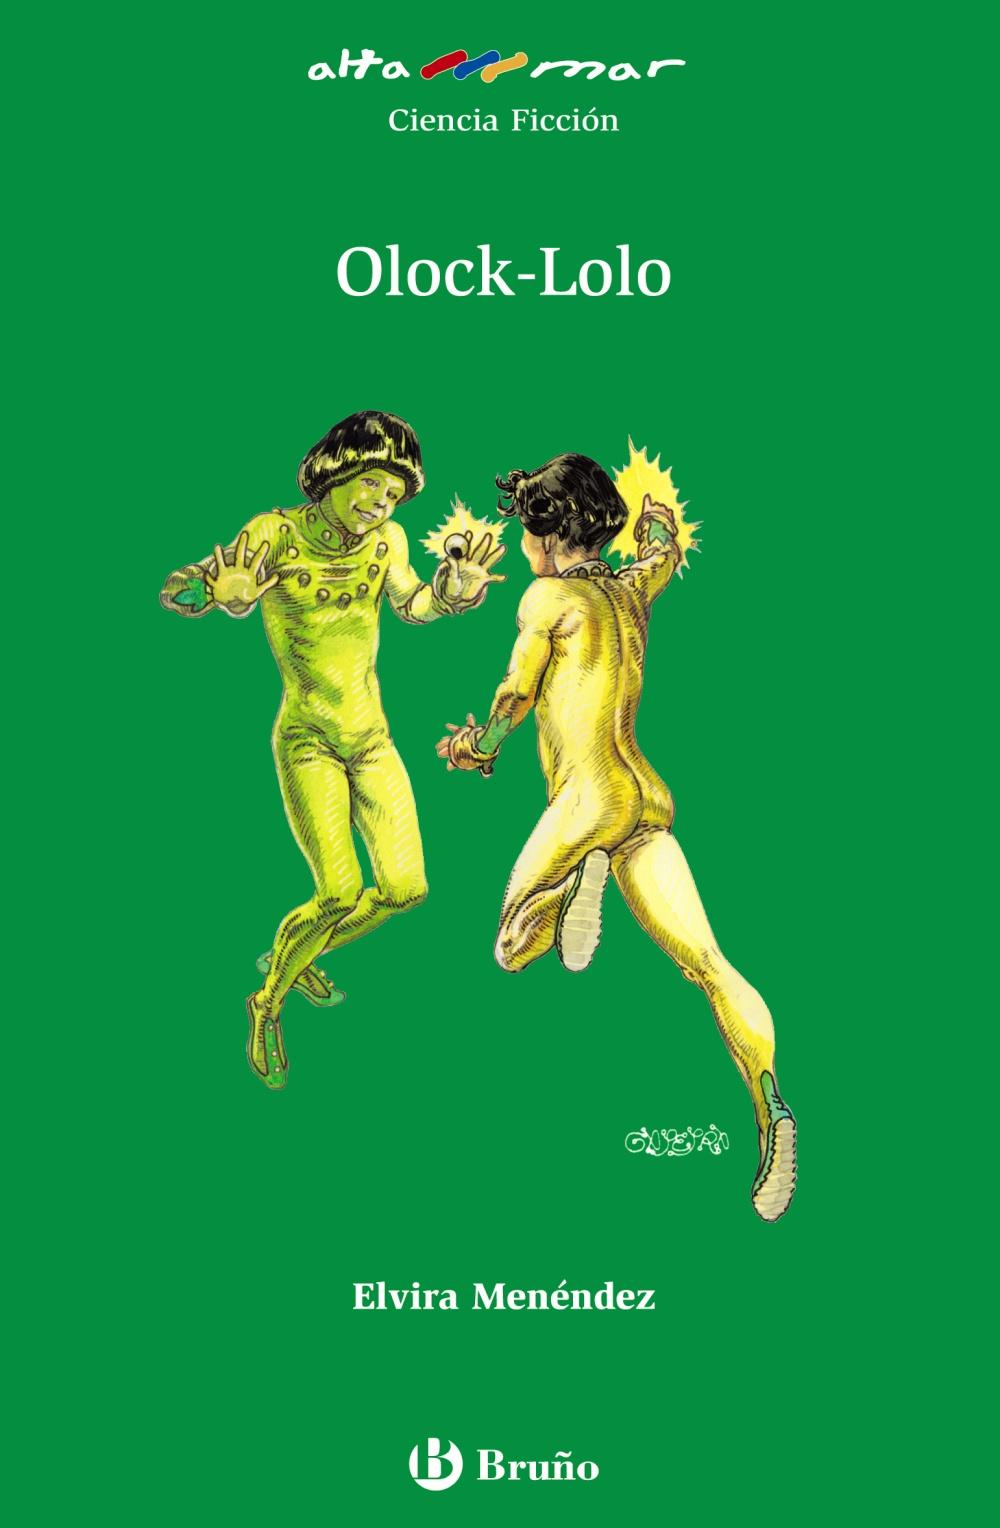 Olock Lolo por Elvira Menendez Gratis